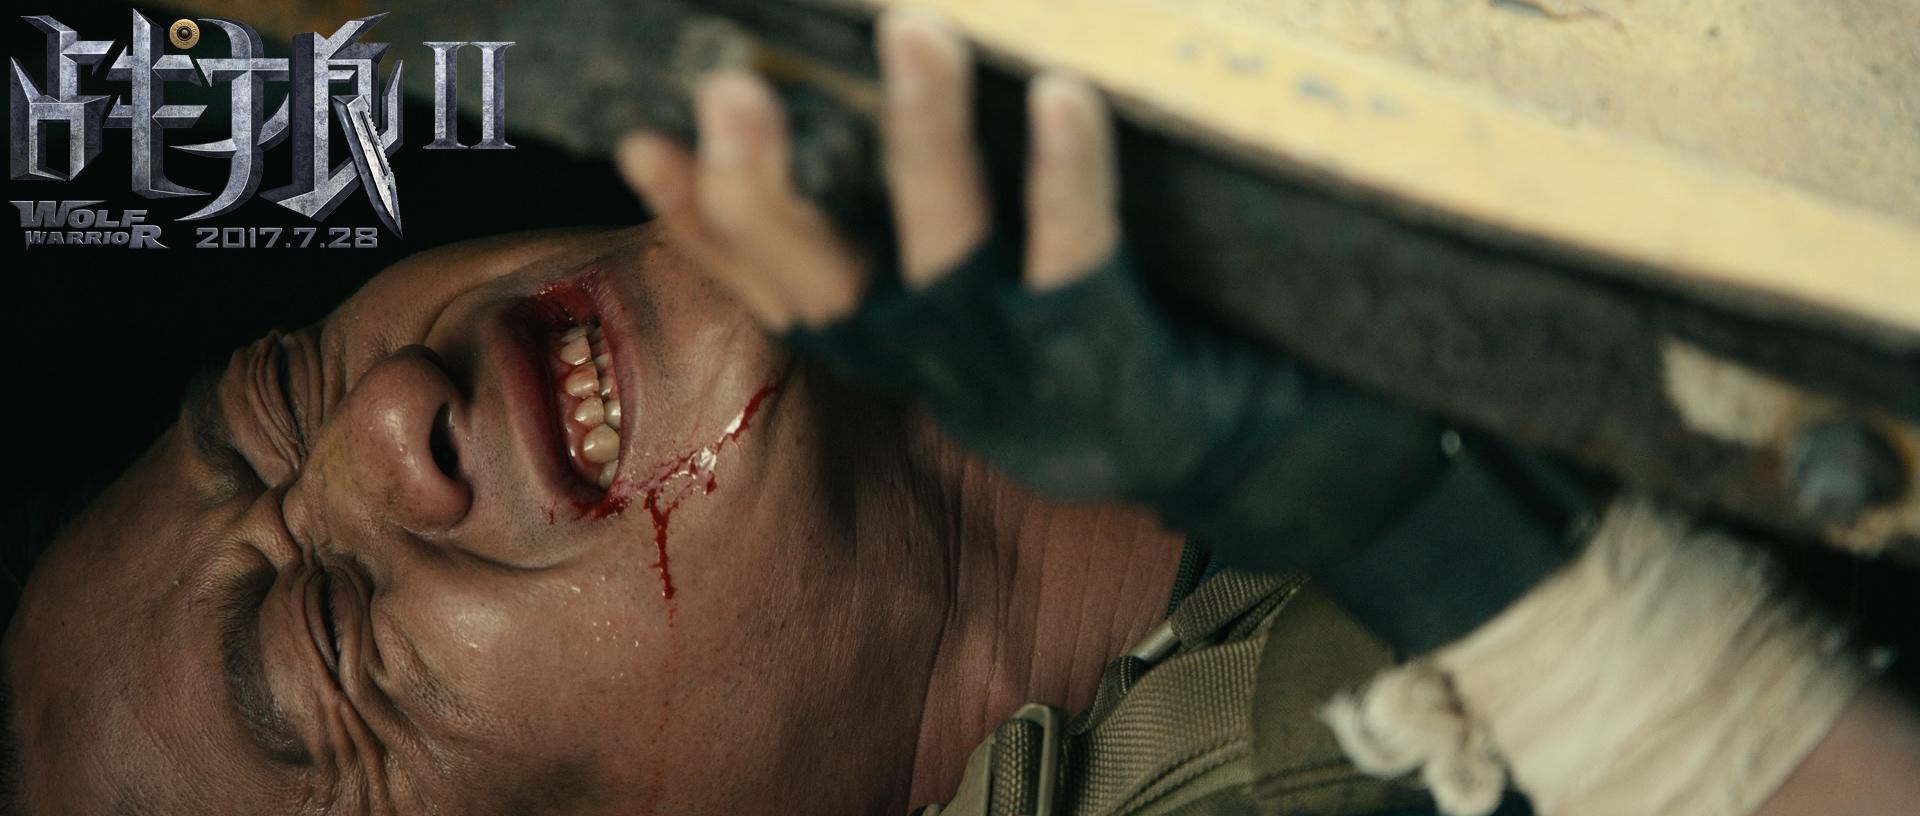 《战狼2》曝非洲行动预告 吴京吴刚热血营救同胞